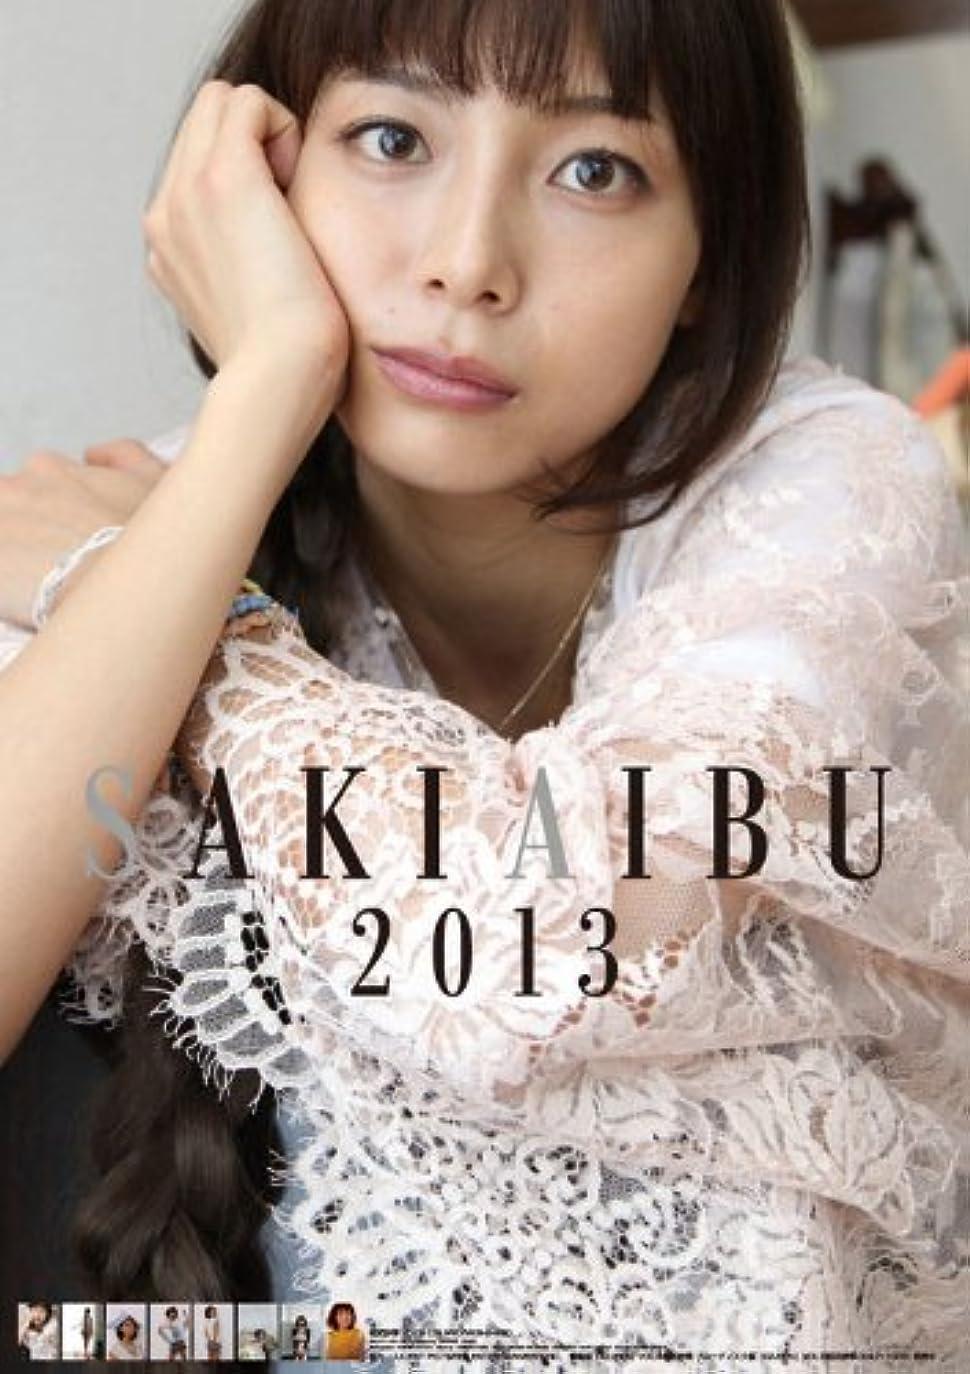 お酢思いやりはがき相武紗季 2013カレンダー